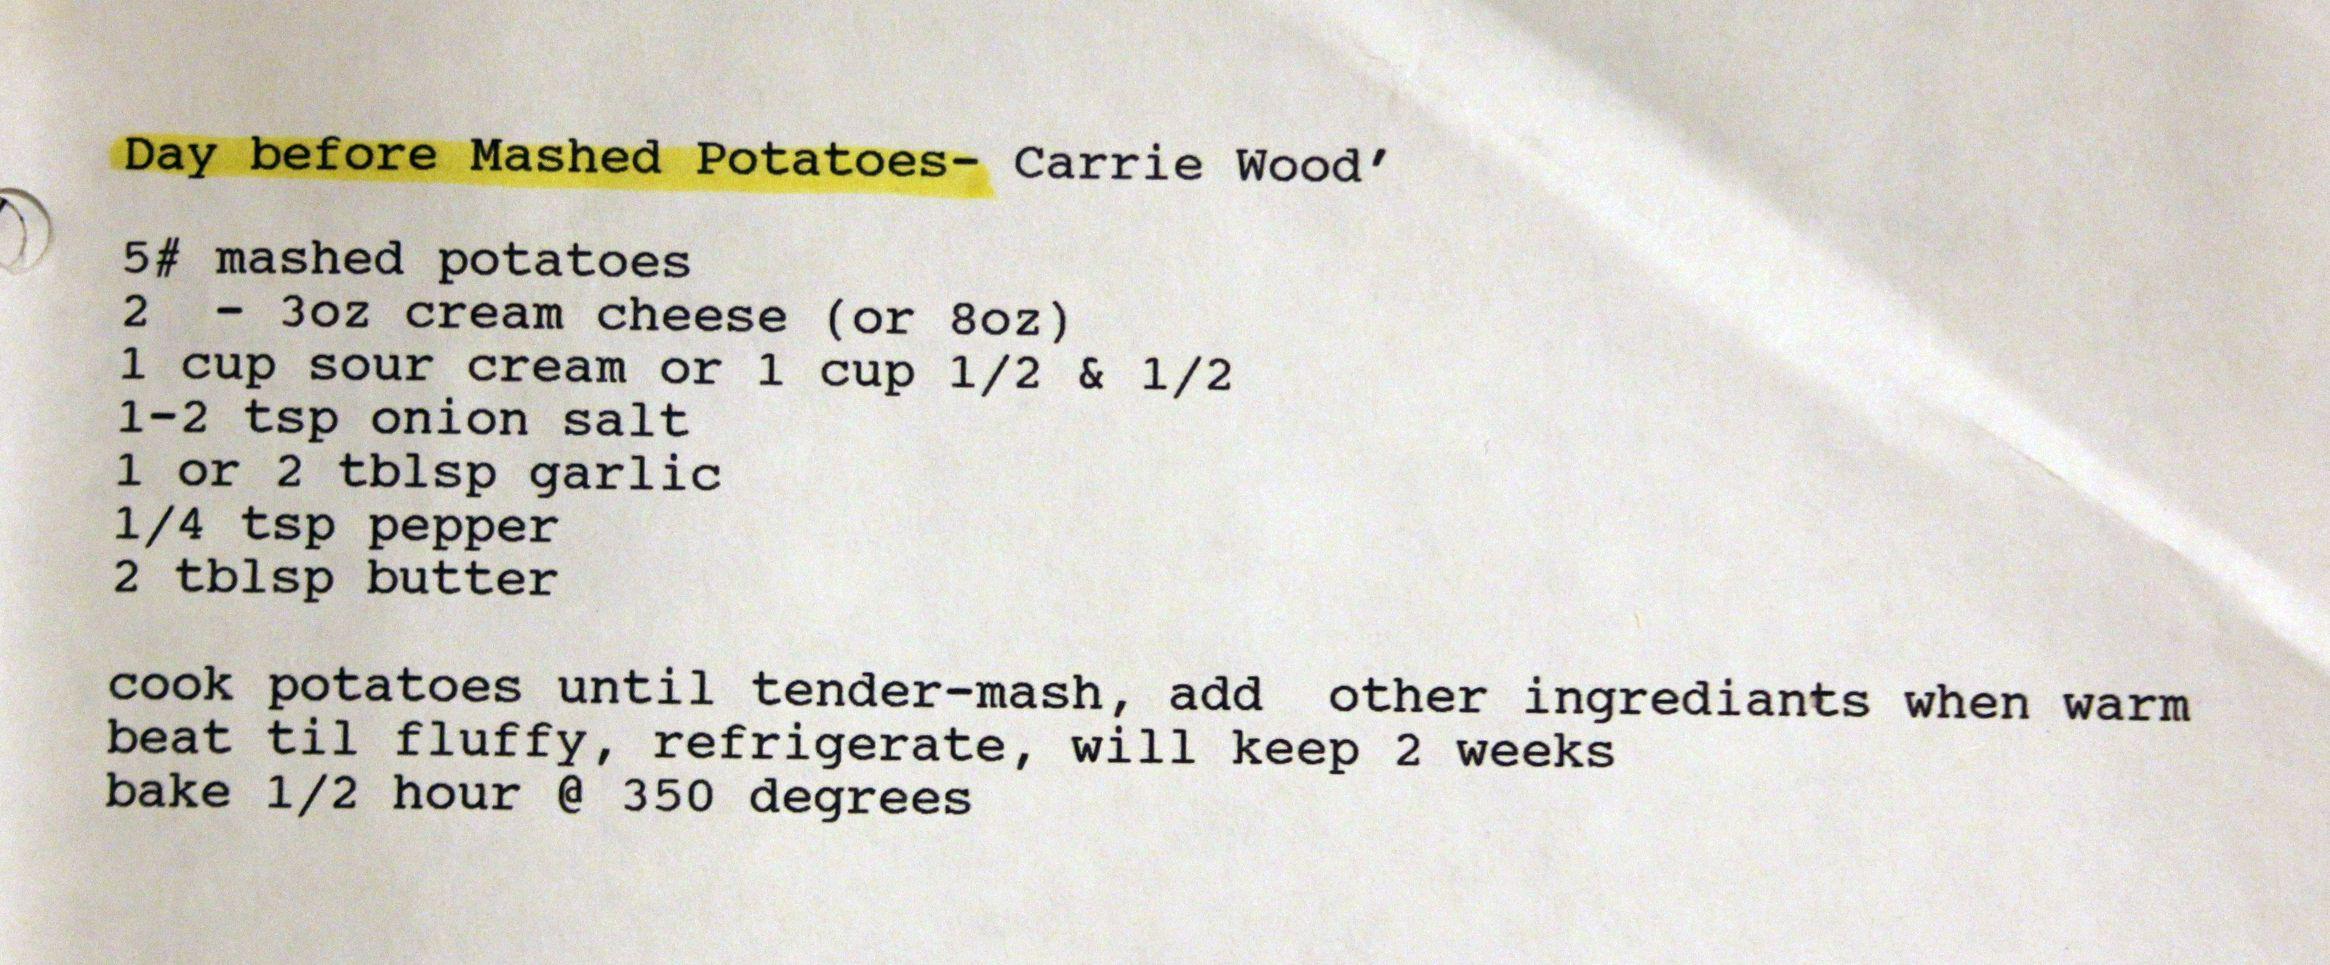 Grandma Wood's Day Before Mashed Potatoes